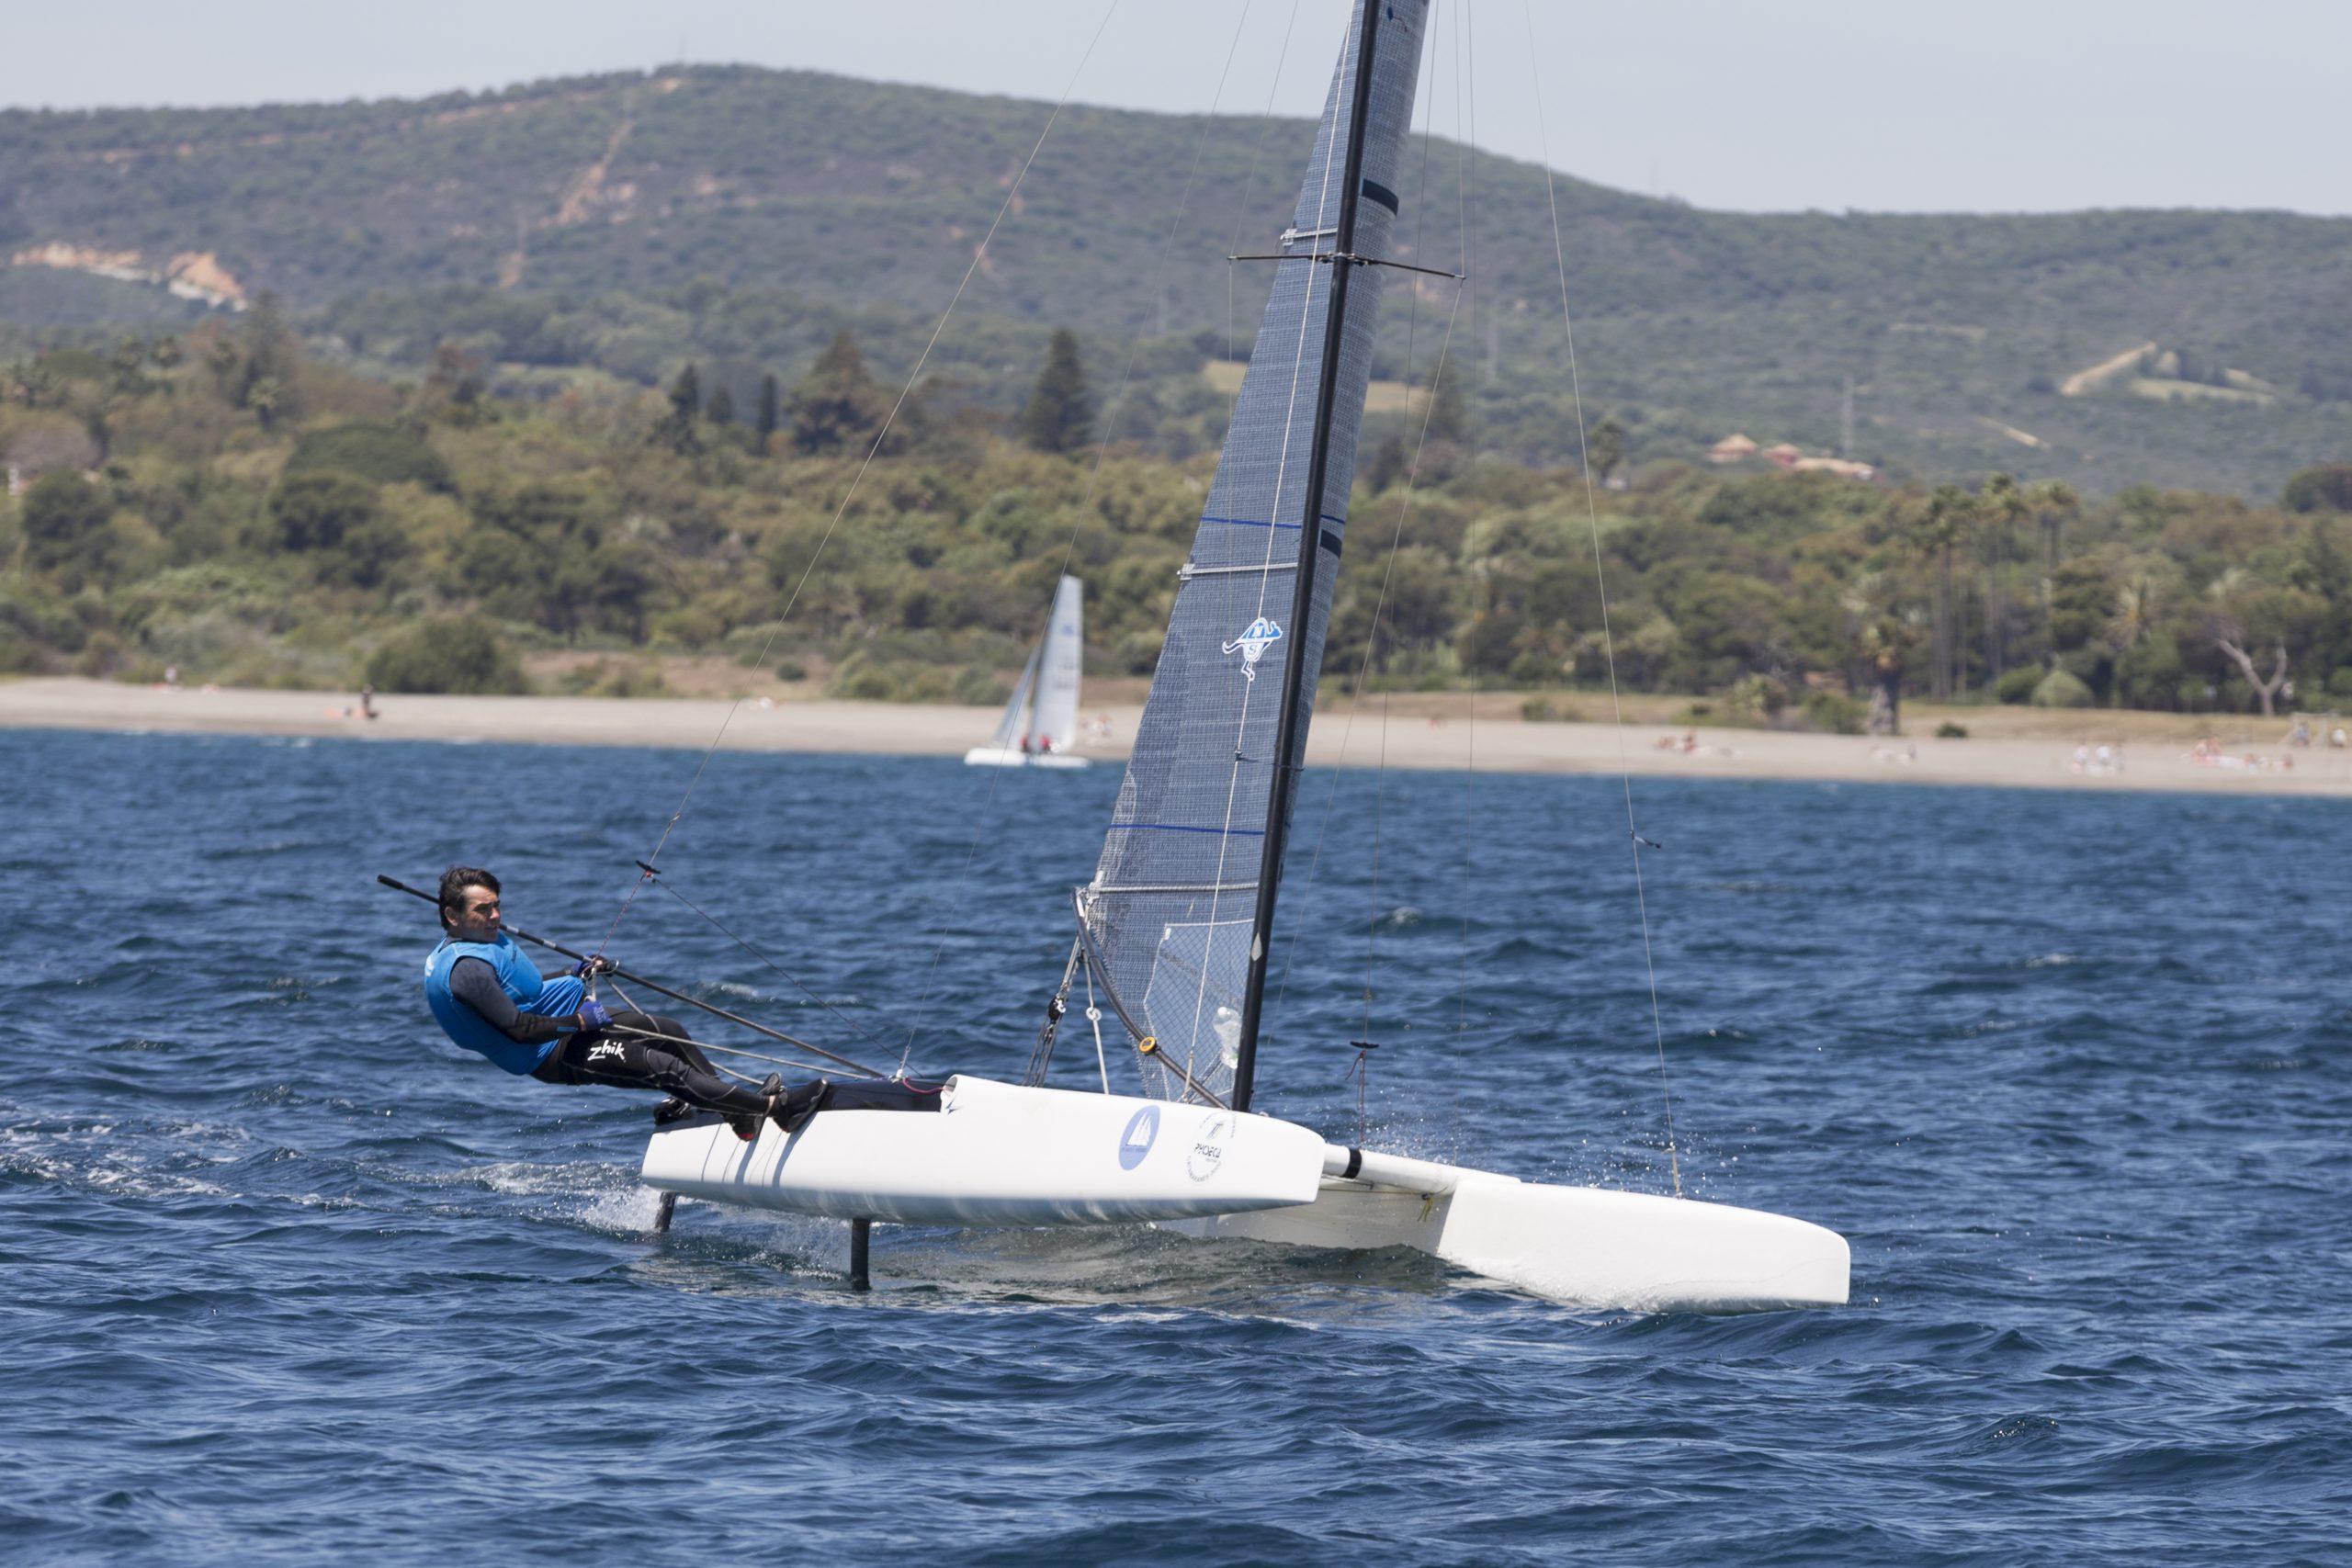 Acosta en Clase A, Martin Prat en F18 y Oriol en Hobbie 16 ganadores de la Copa de Andalucía de Catamarán